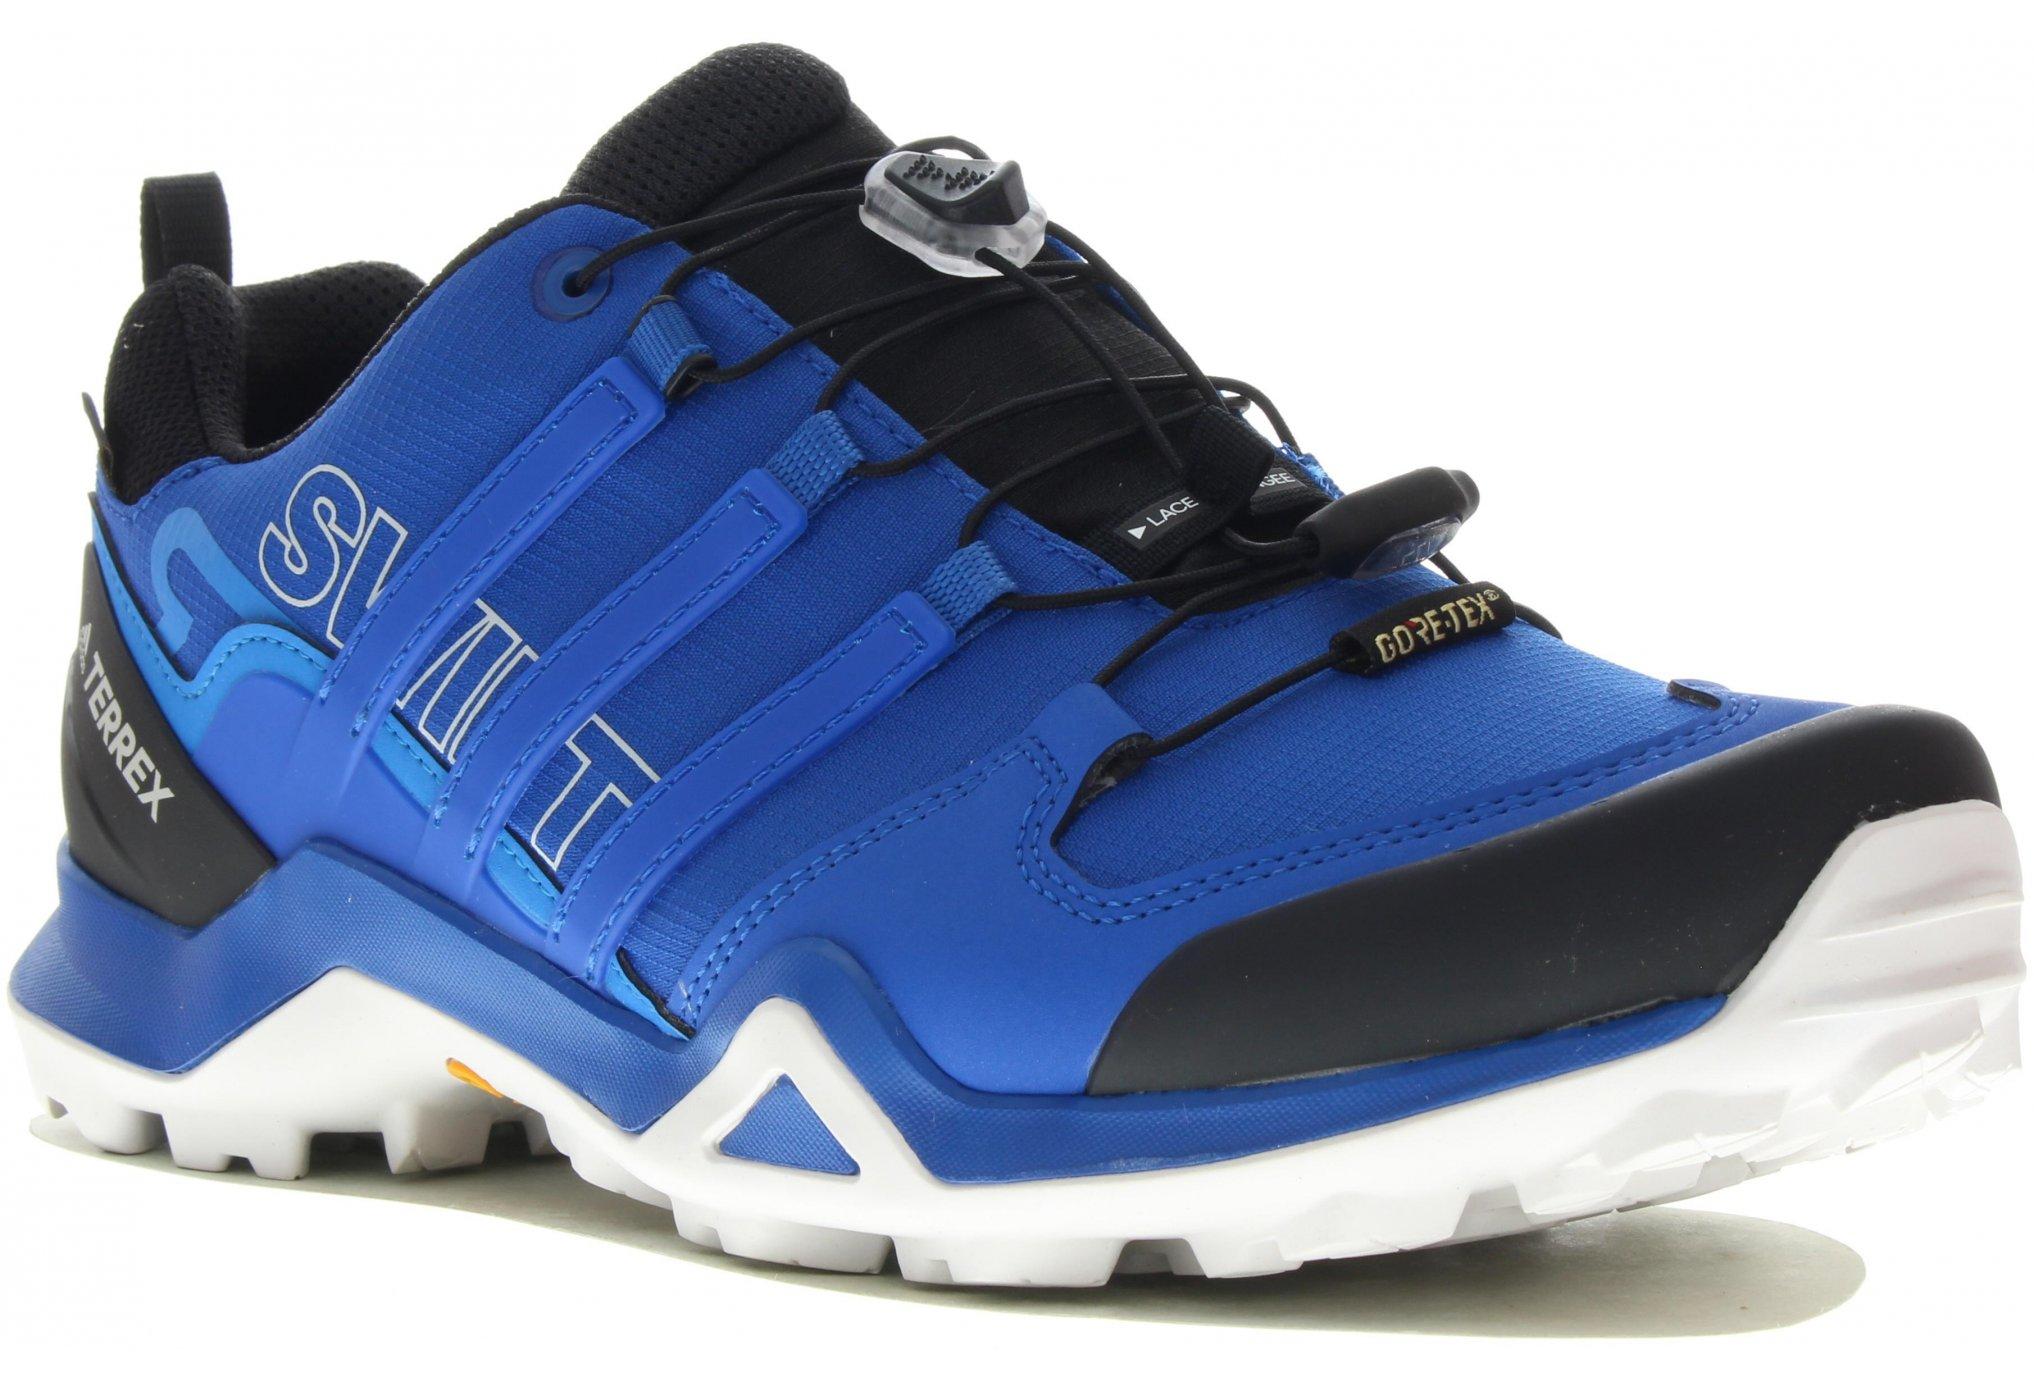 adidas Terrex Swift R2 Gore-Tex M Chaussures homme